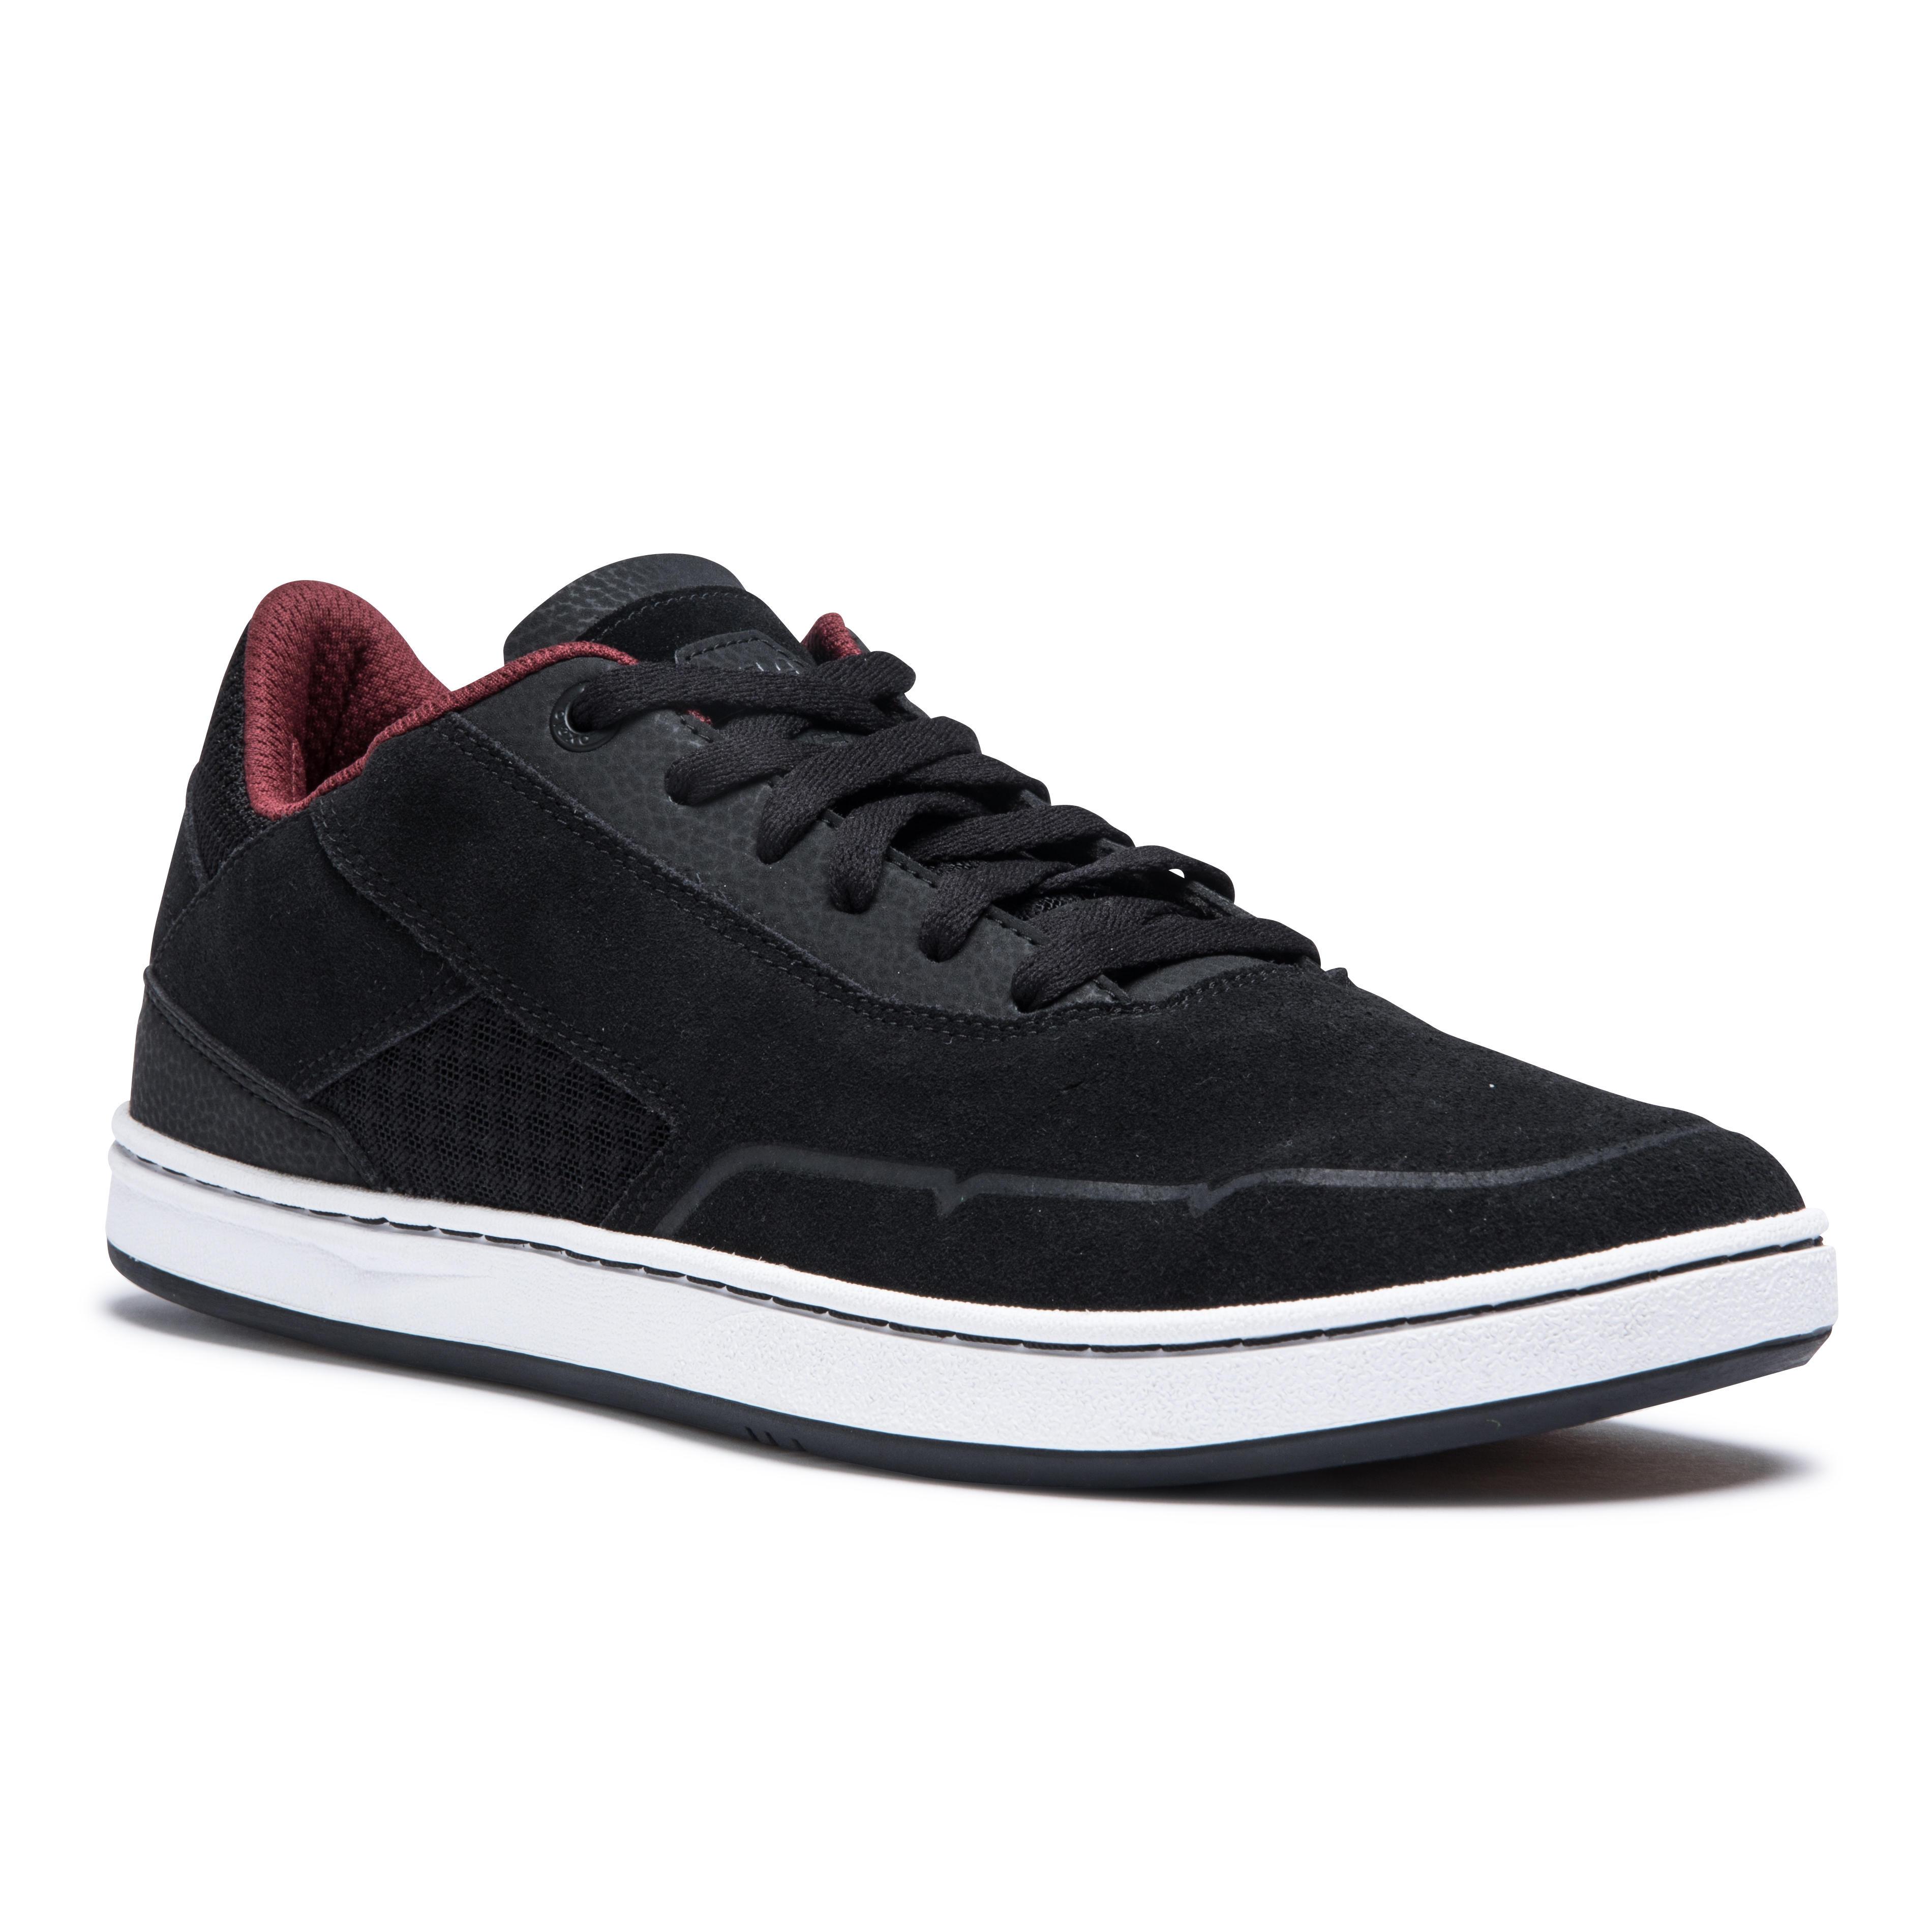 Oxelo Chaussures basses (cupsoles) de skateboard adulte CRUSH 500 noire / bordeaux - Oxelo